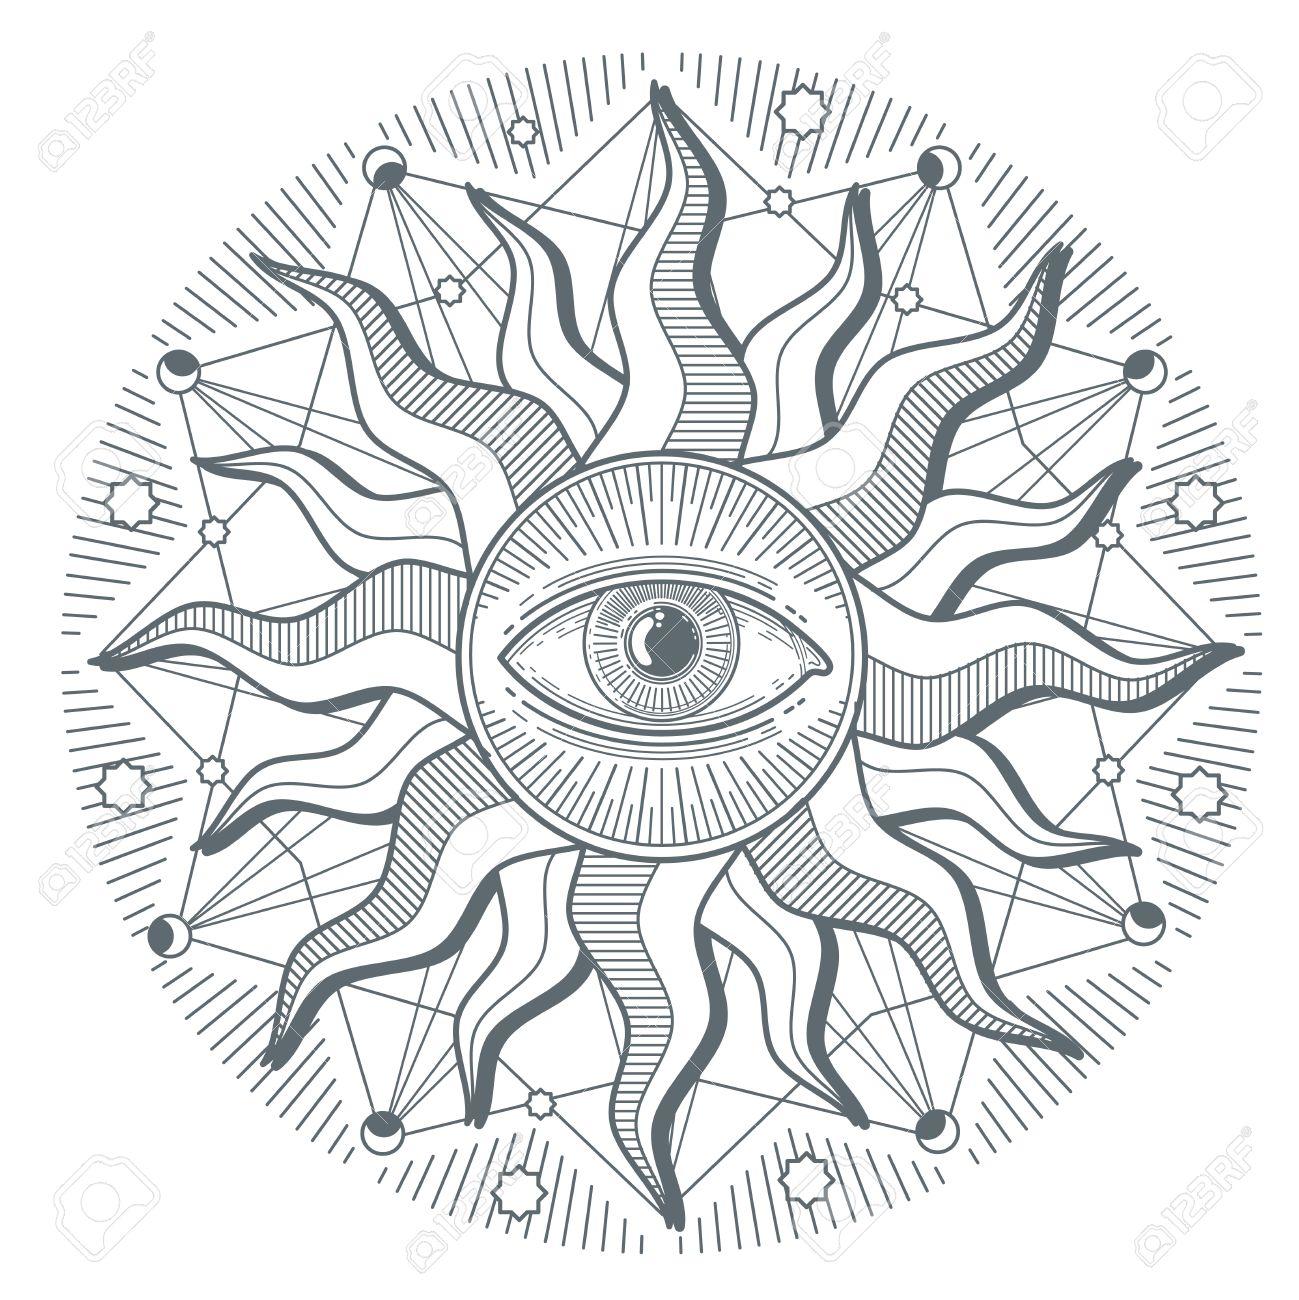 All seeing eye illuminati new world order vector freemasonry all seeing eye illuminati new world order vector freemasonry sign illustration of illuminati freemasonry symbol buycottarizona Images